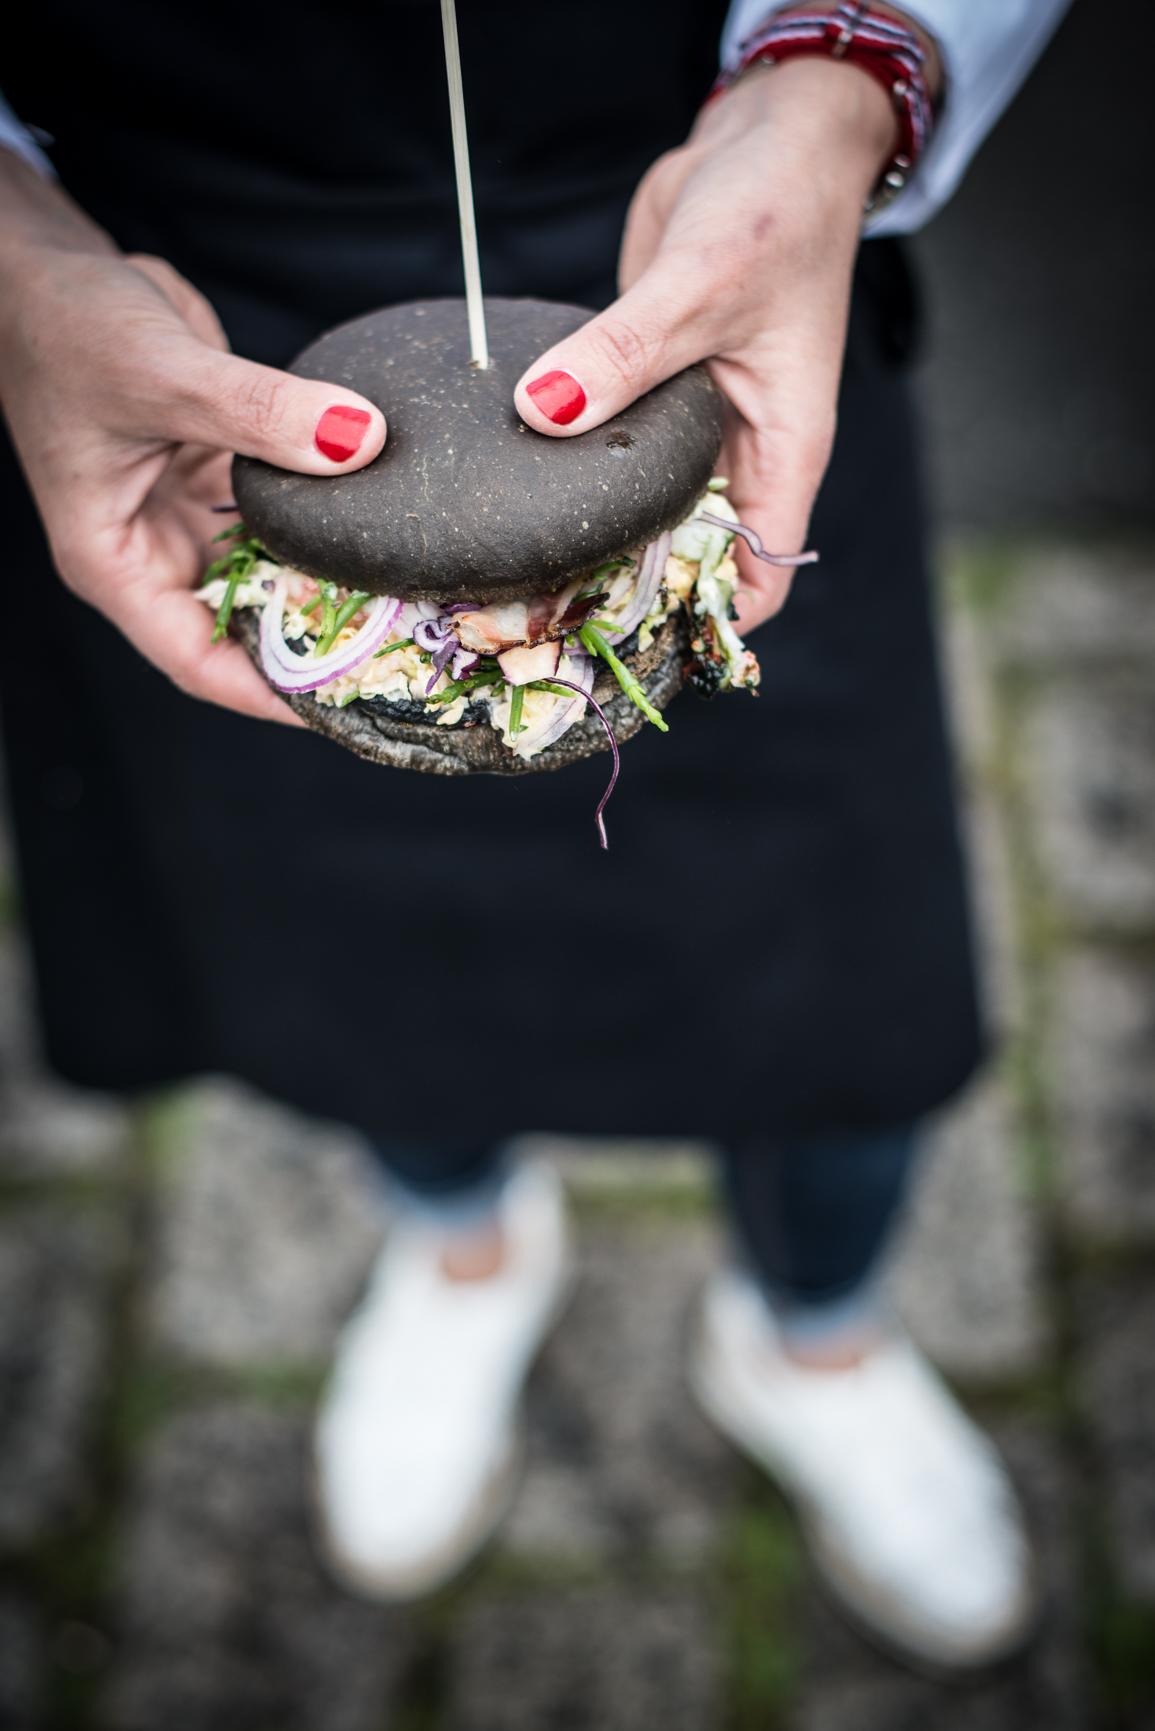 Marche a manger gouts d'ouest © Olivier MARIE-17